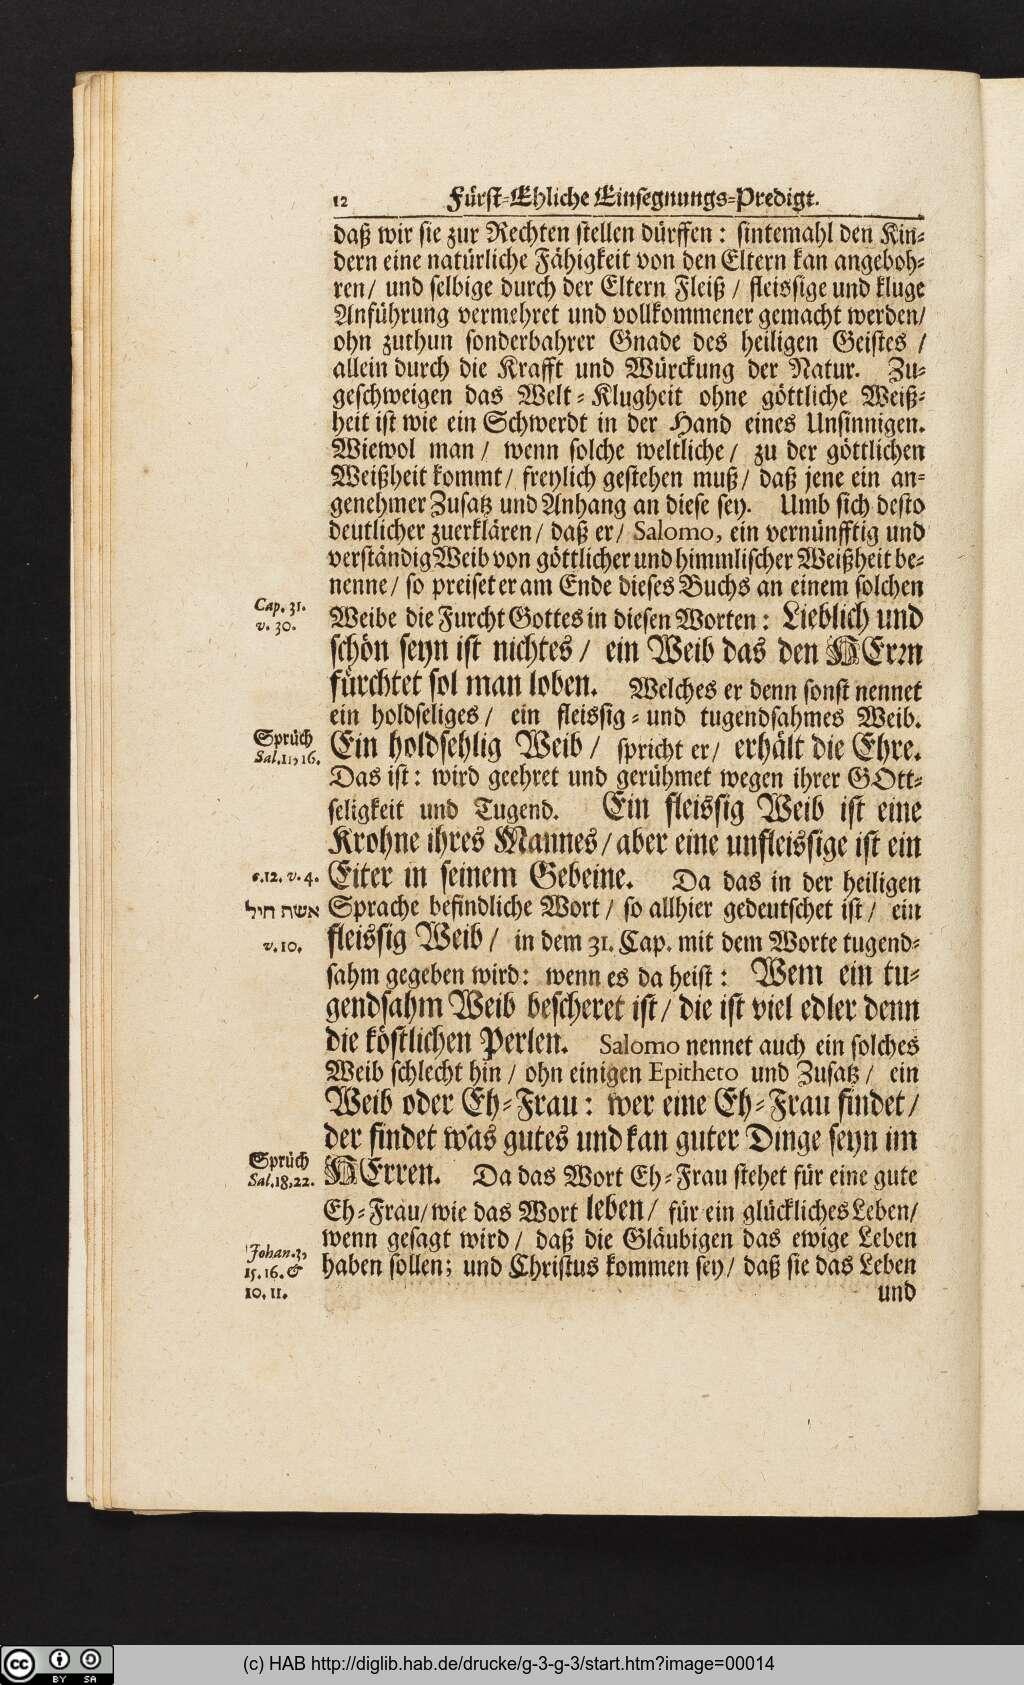 http://diglib.hab.de/drucke/g-3-g-3/00014.jpg